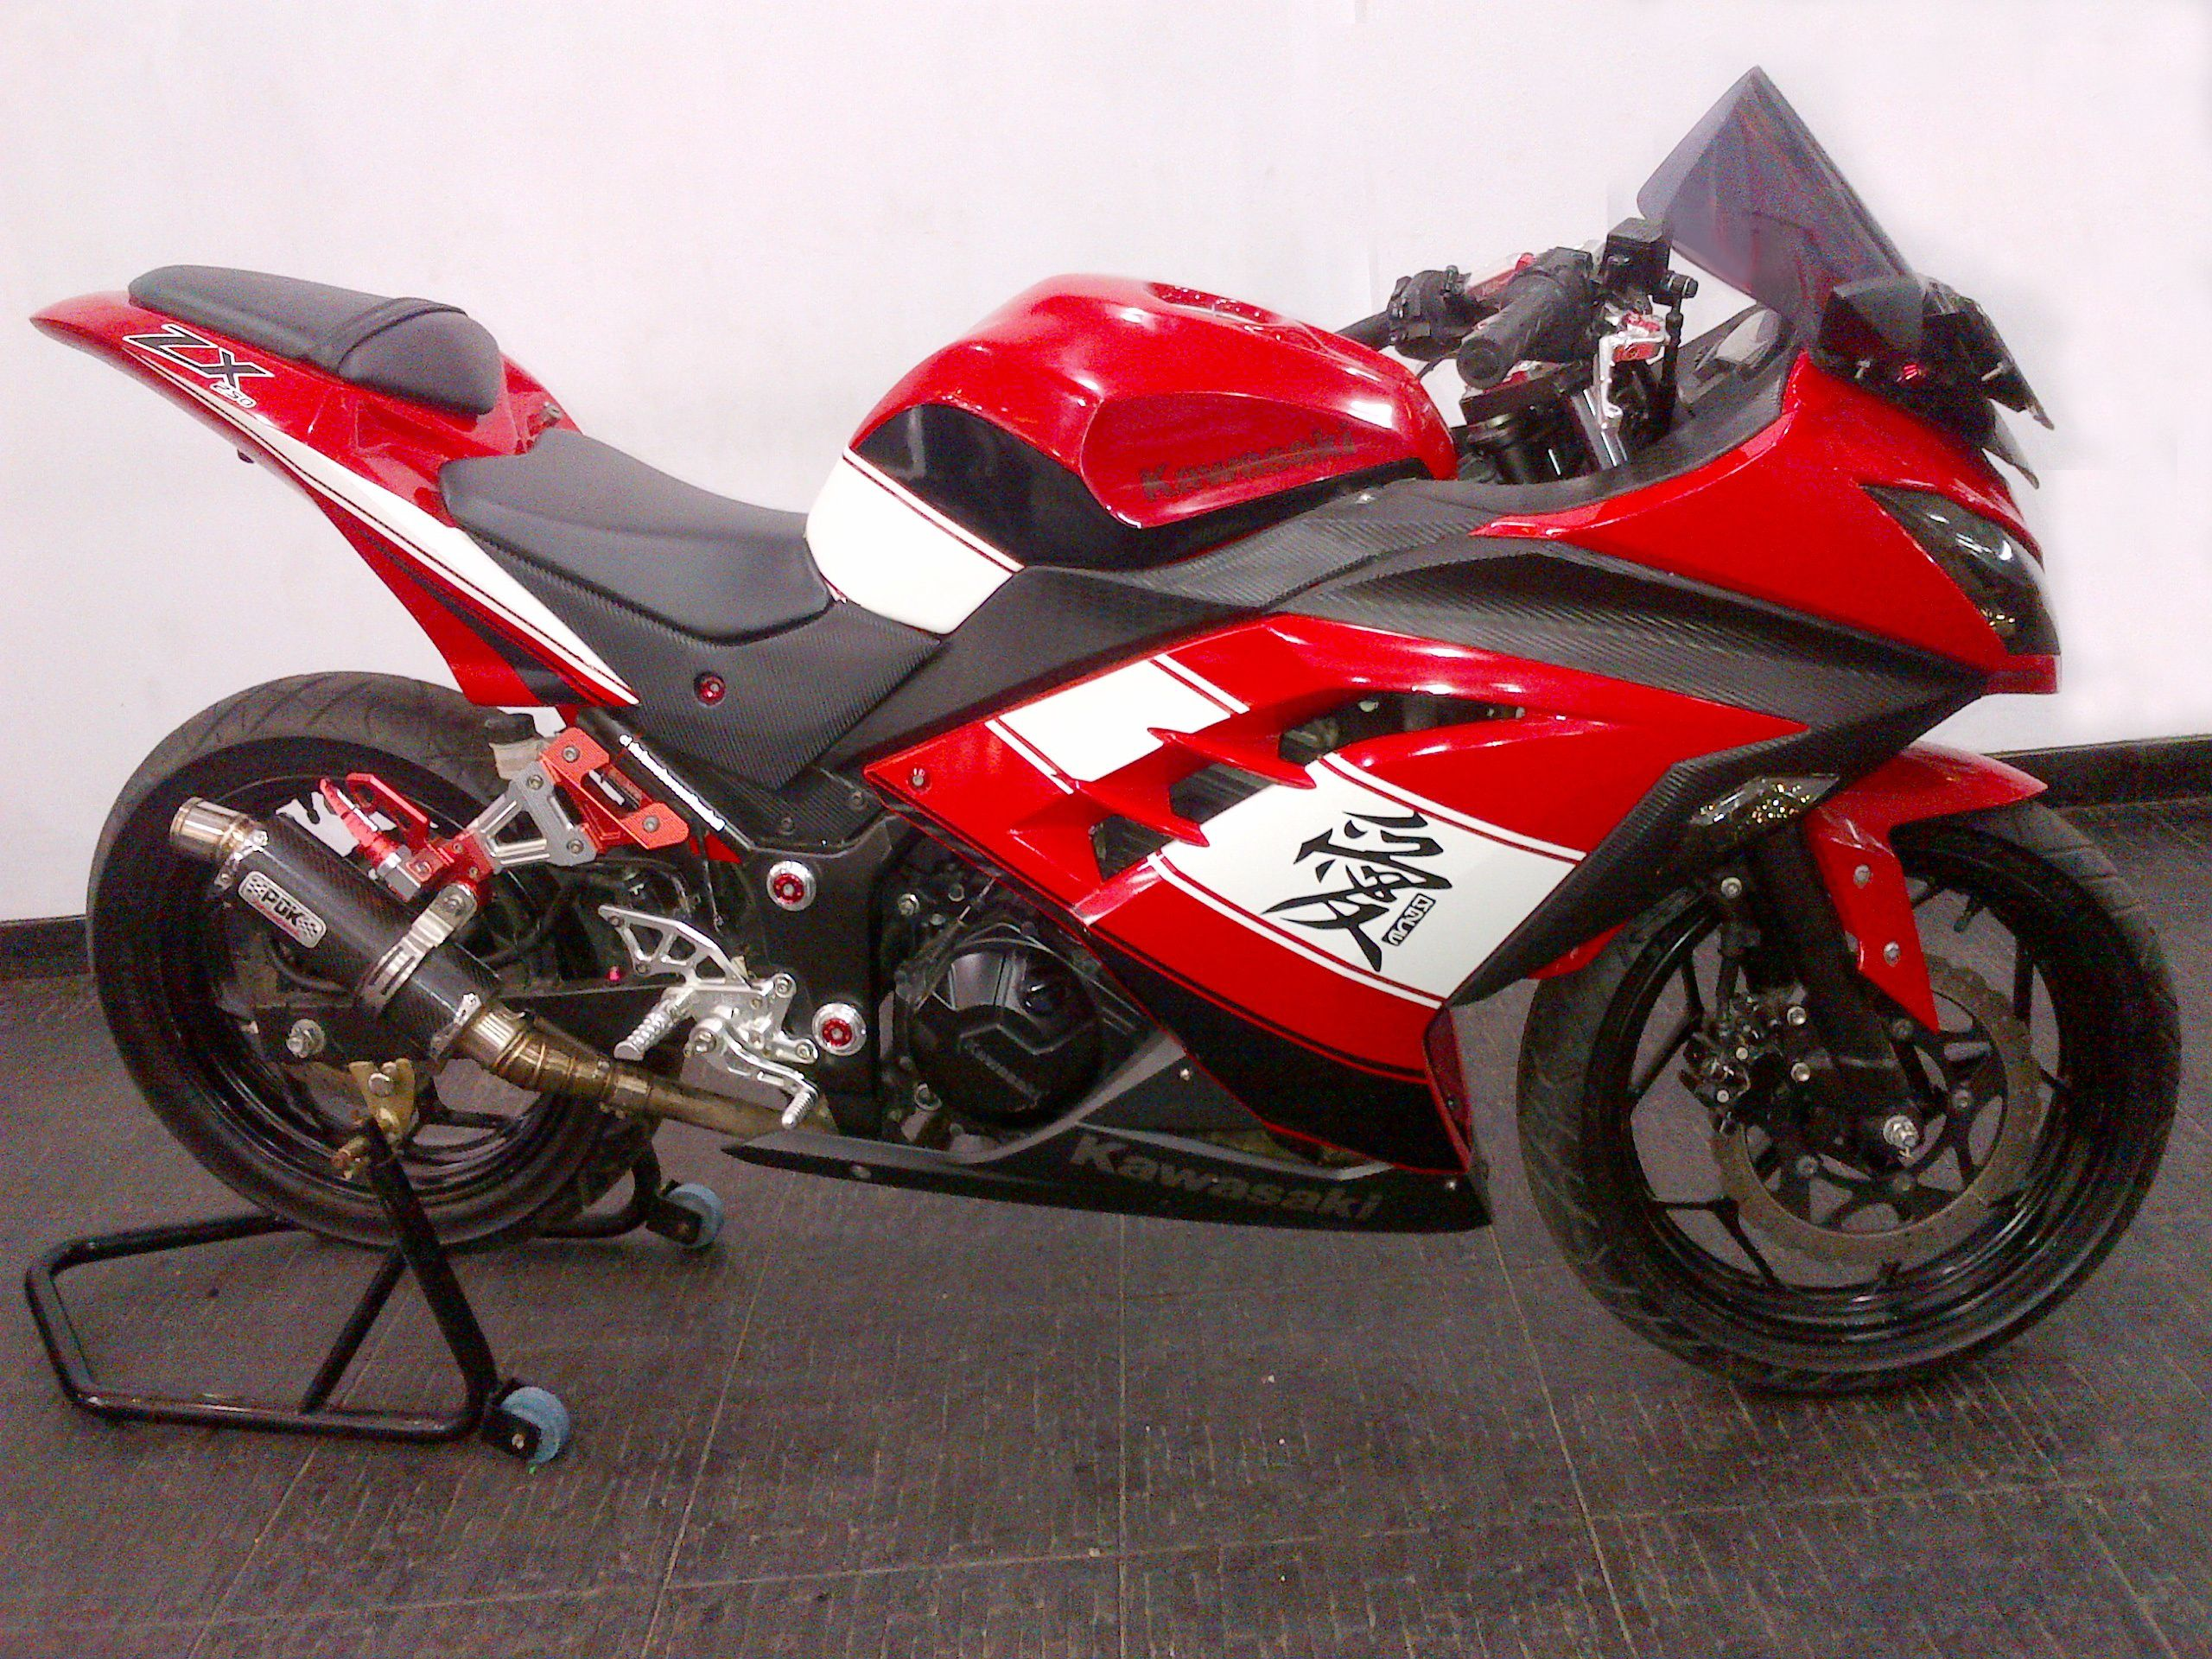 Modifikasi Motor Kawasaki Ninja 250 Fi Merah Kawasaki Ninja